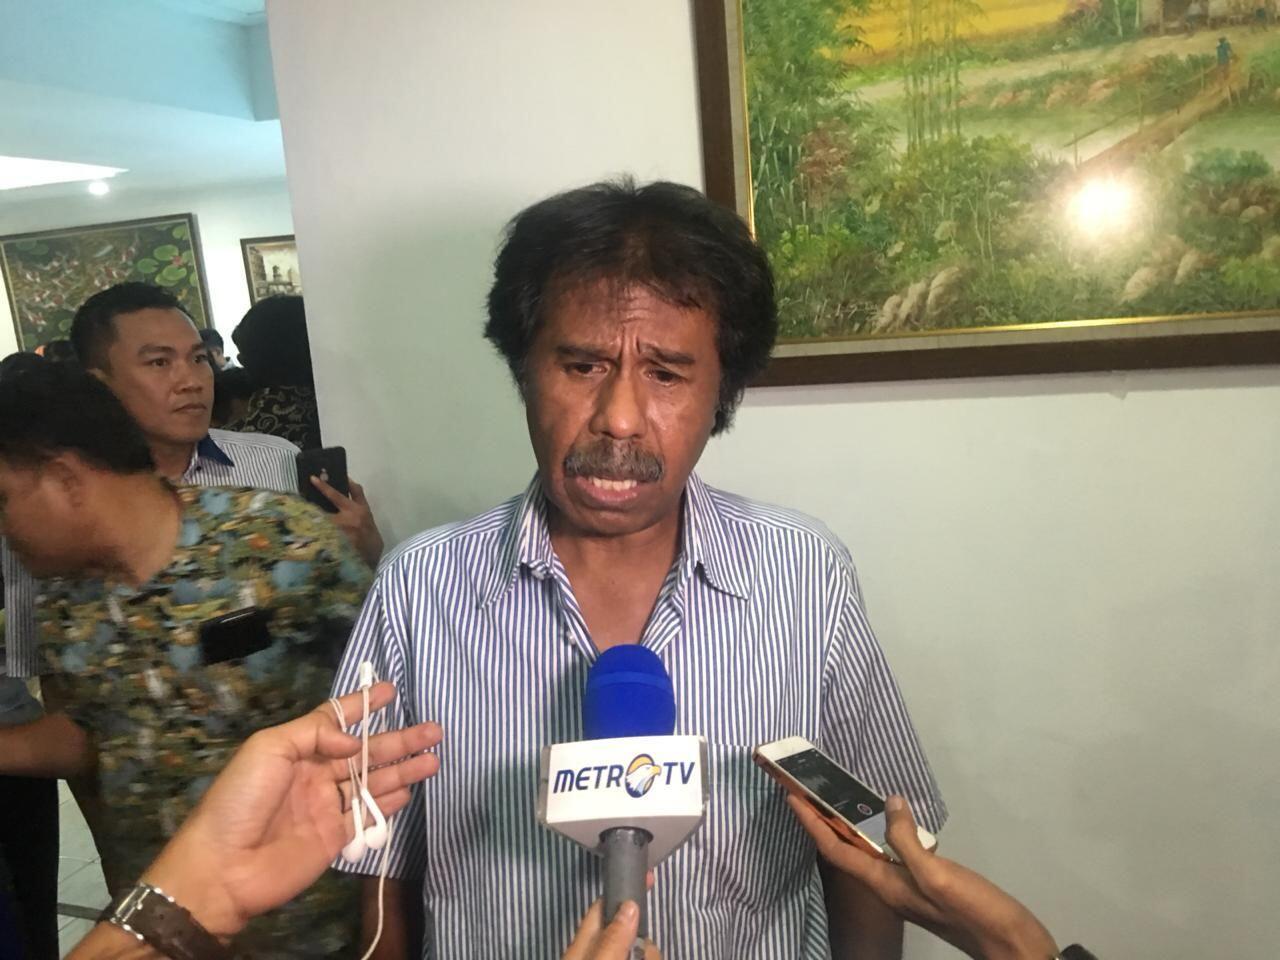 Terjadi Politik Uang di 35 Daerah, Pengamat: Bawaslu Tidak Optimal